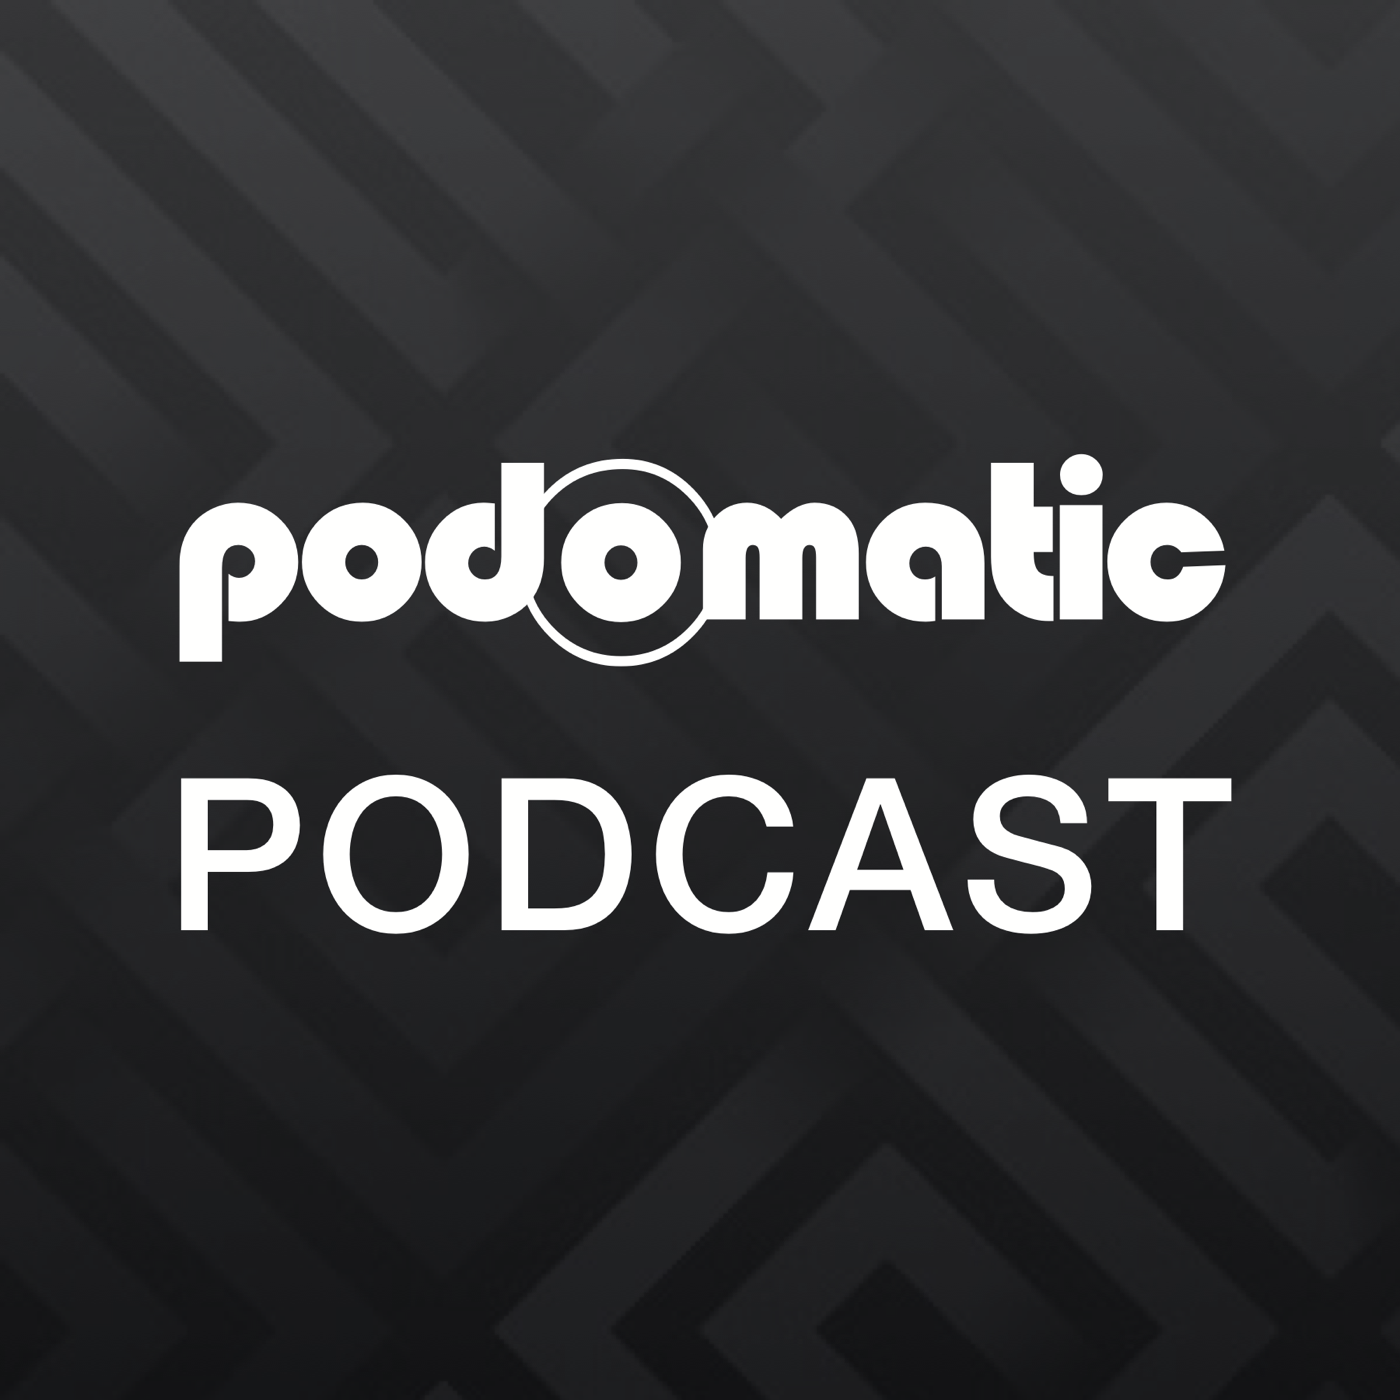 Electronic Drug Radio Podcast